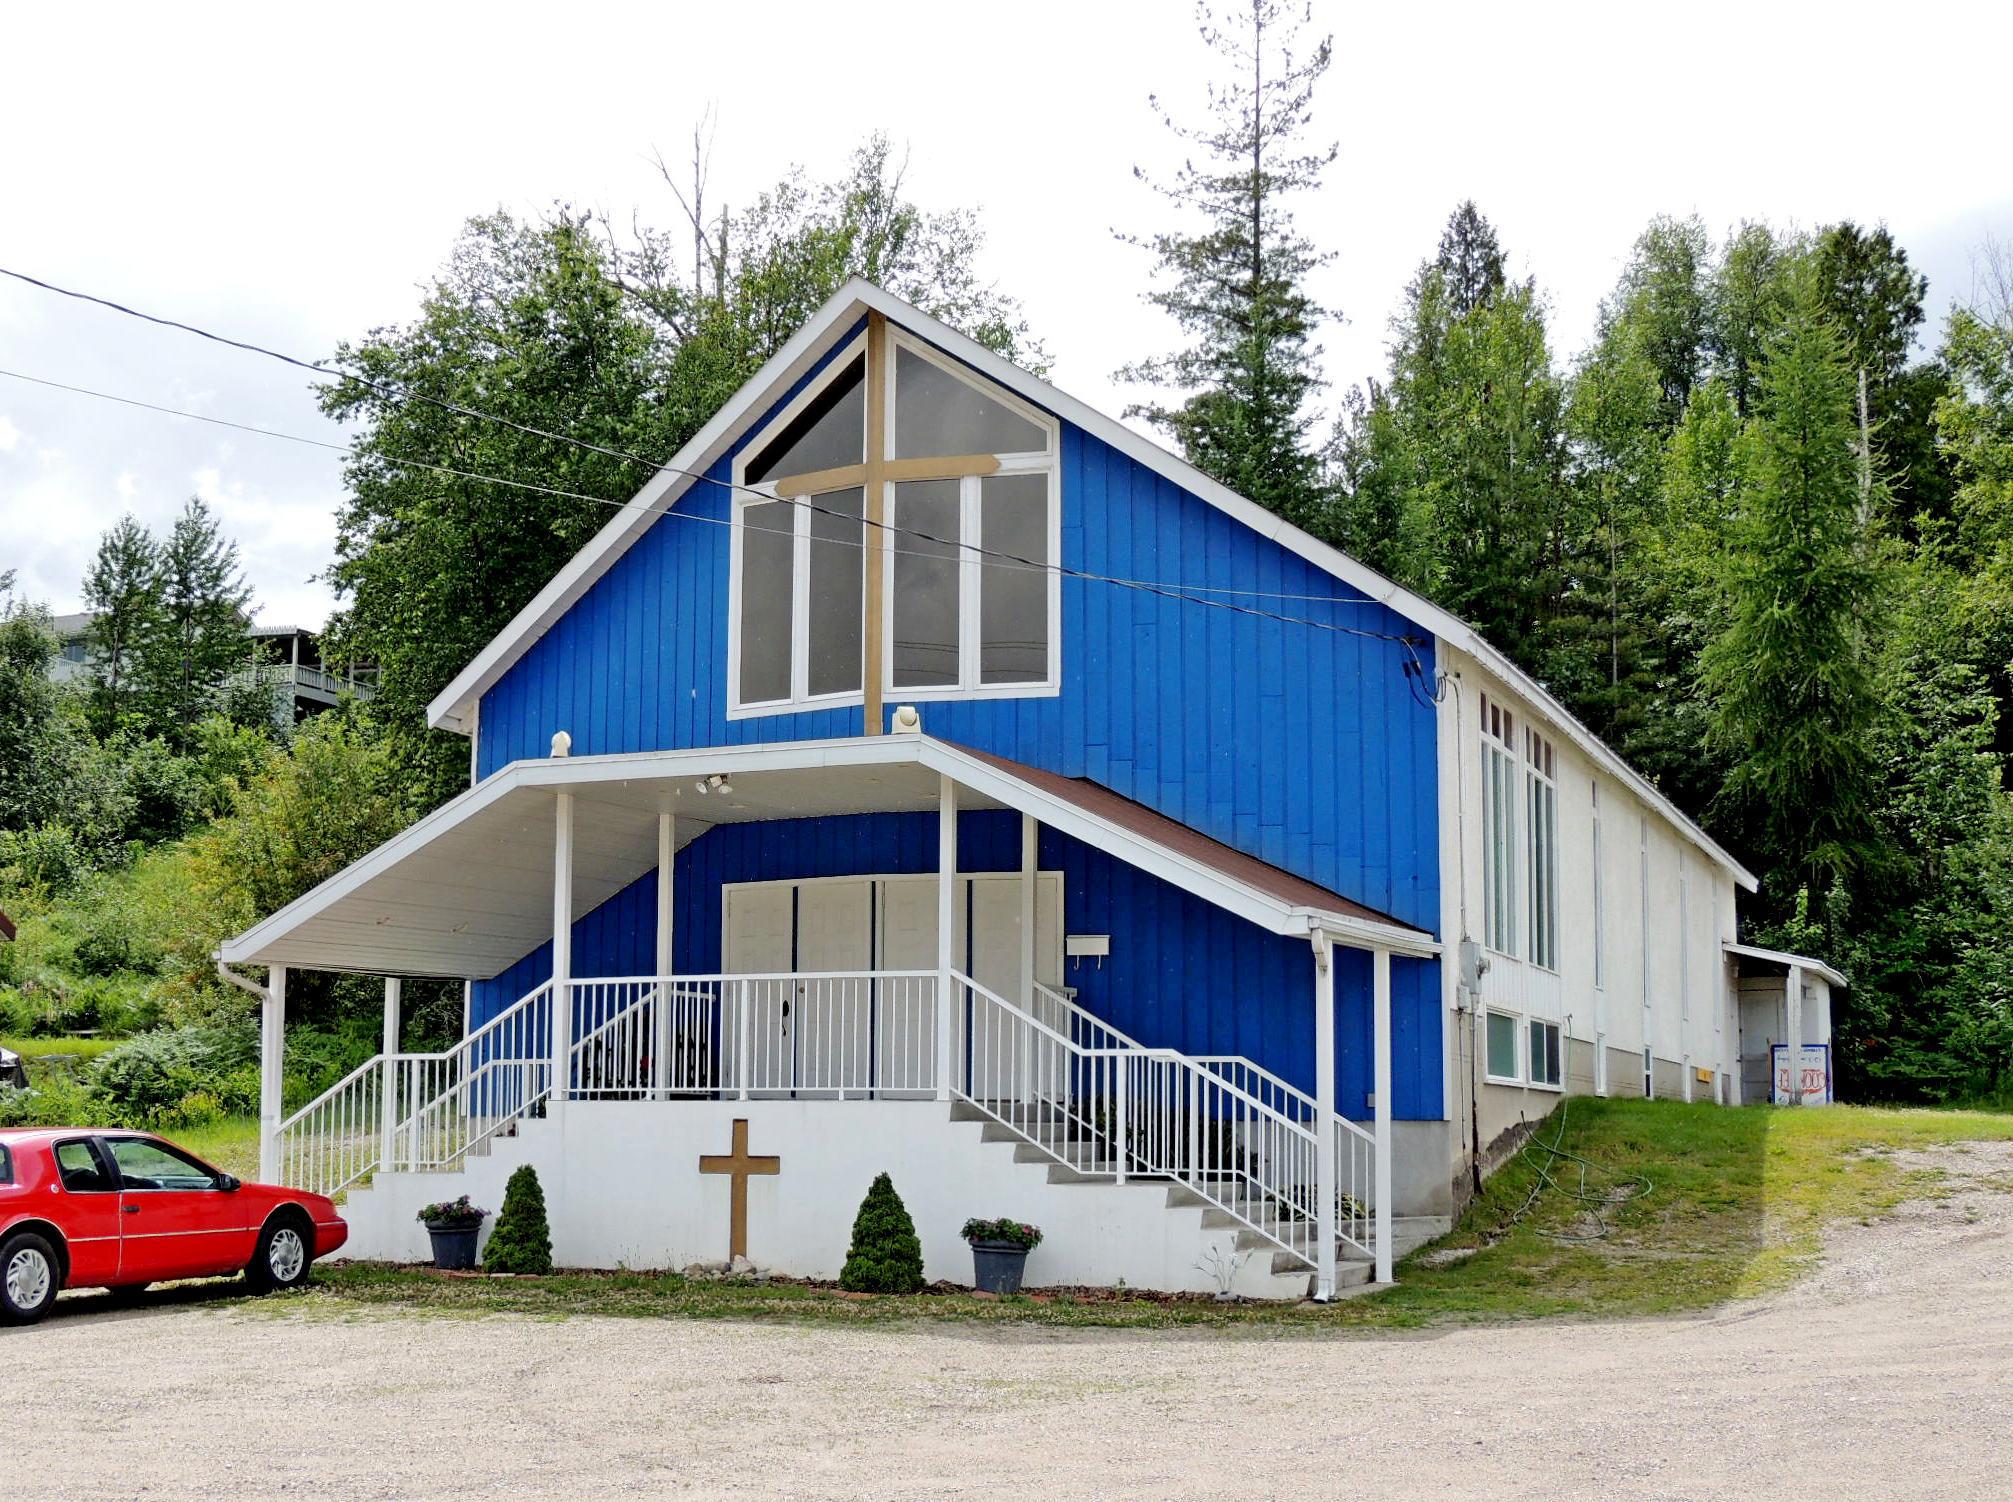 Kinnaird Church of God - Castlegar, BC Photo